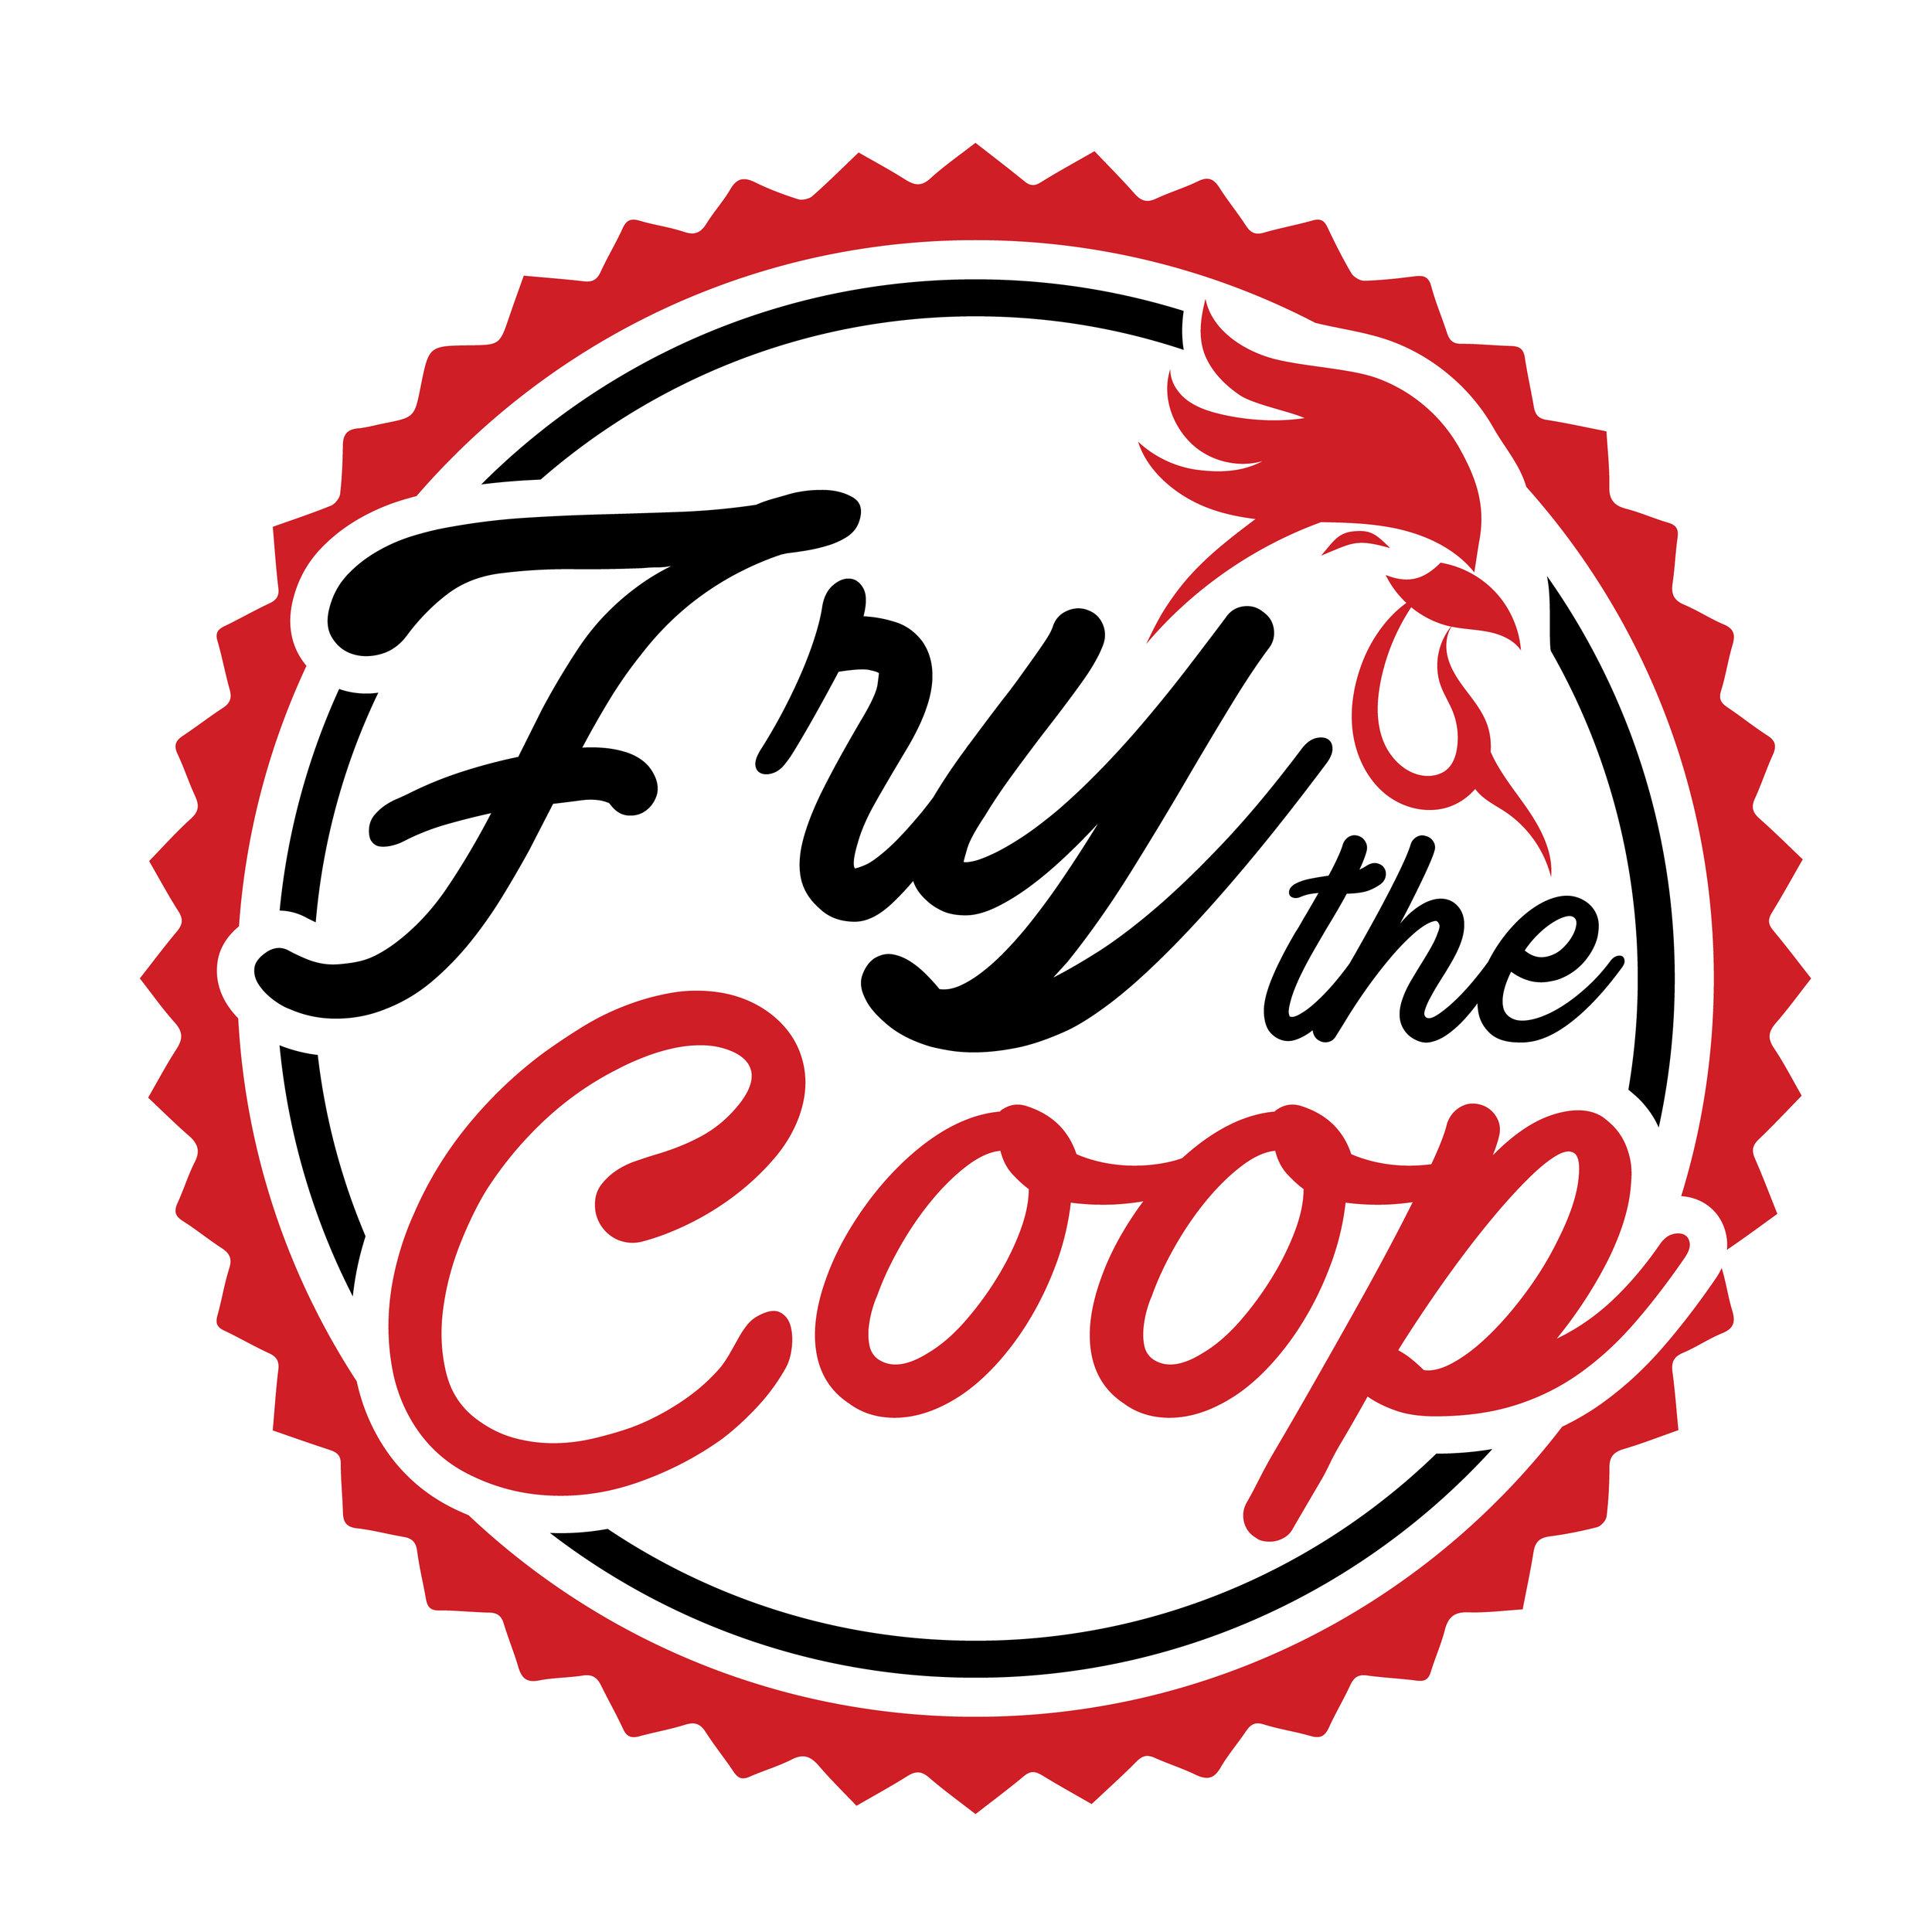 FRY-THE-COOP-1-01.jpg